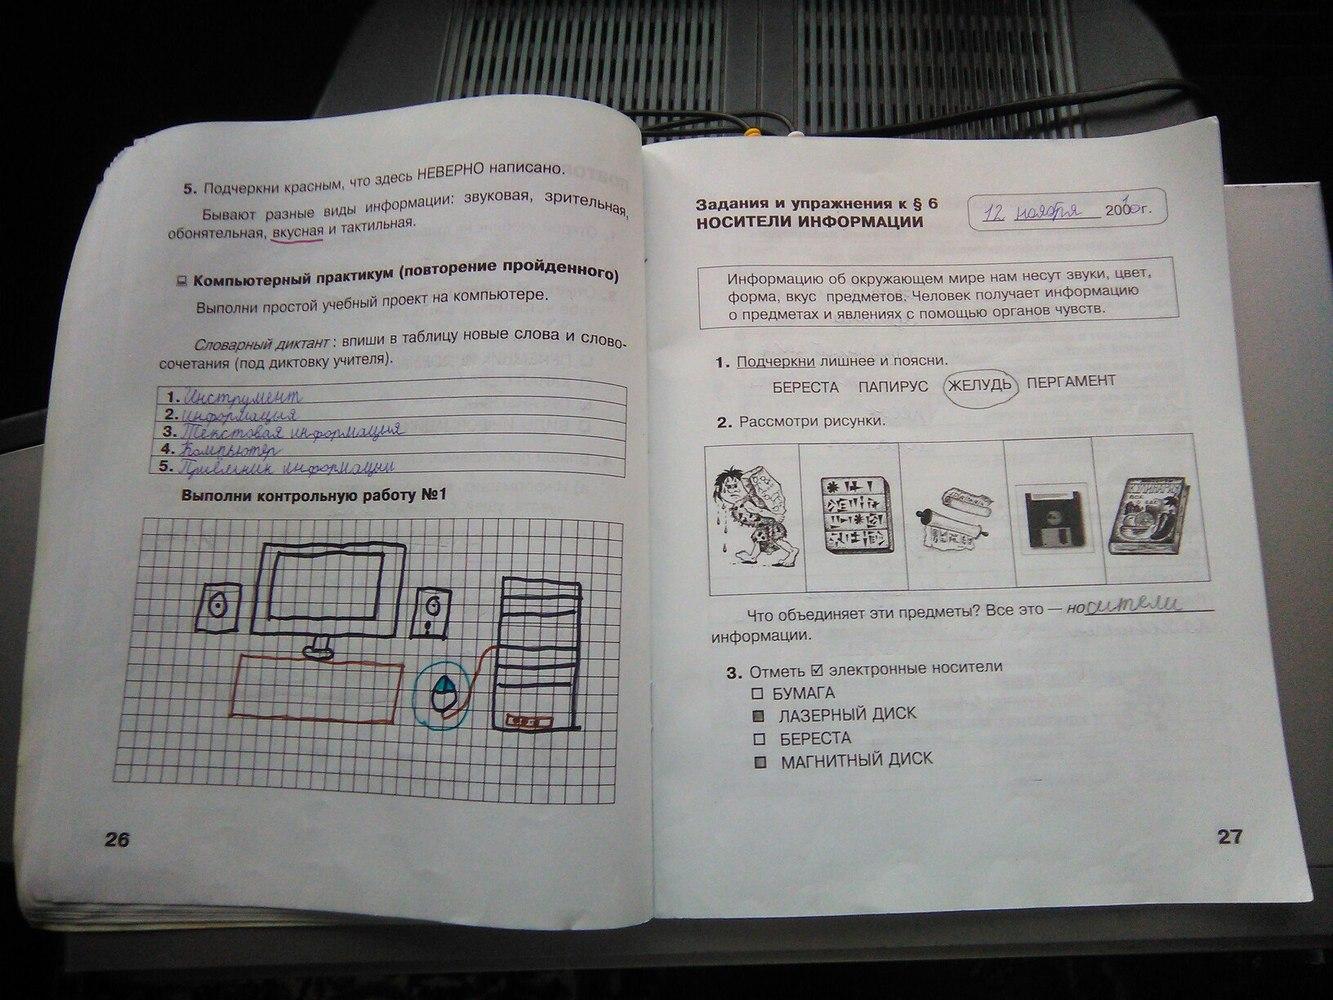 3 тетради 2 гдз рабочей матвеева по класс информатике части